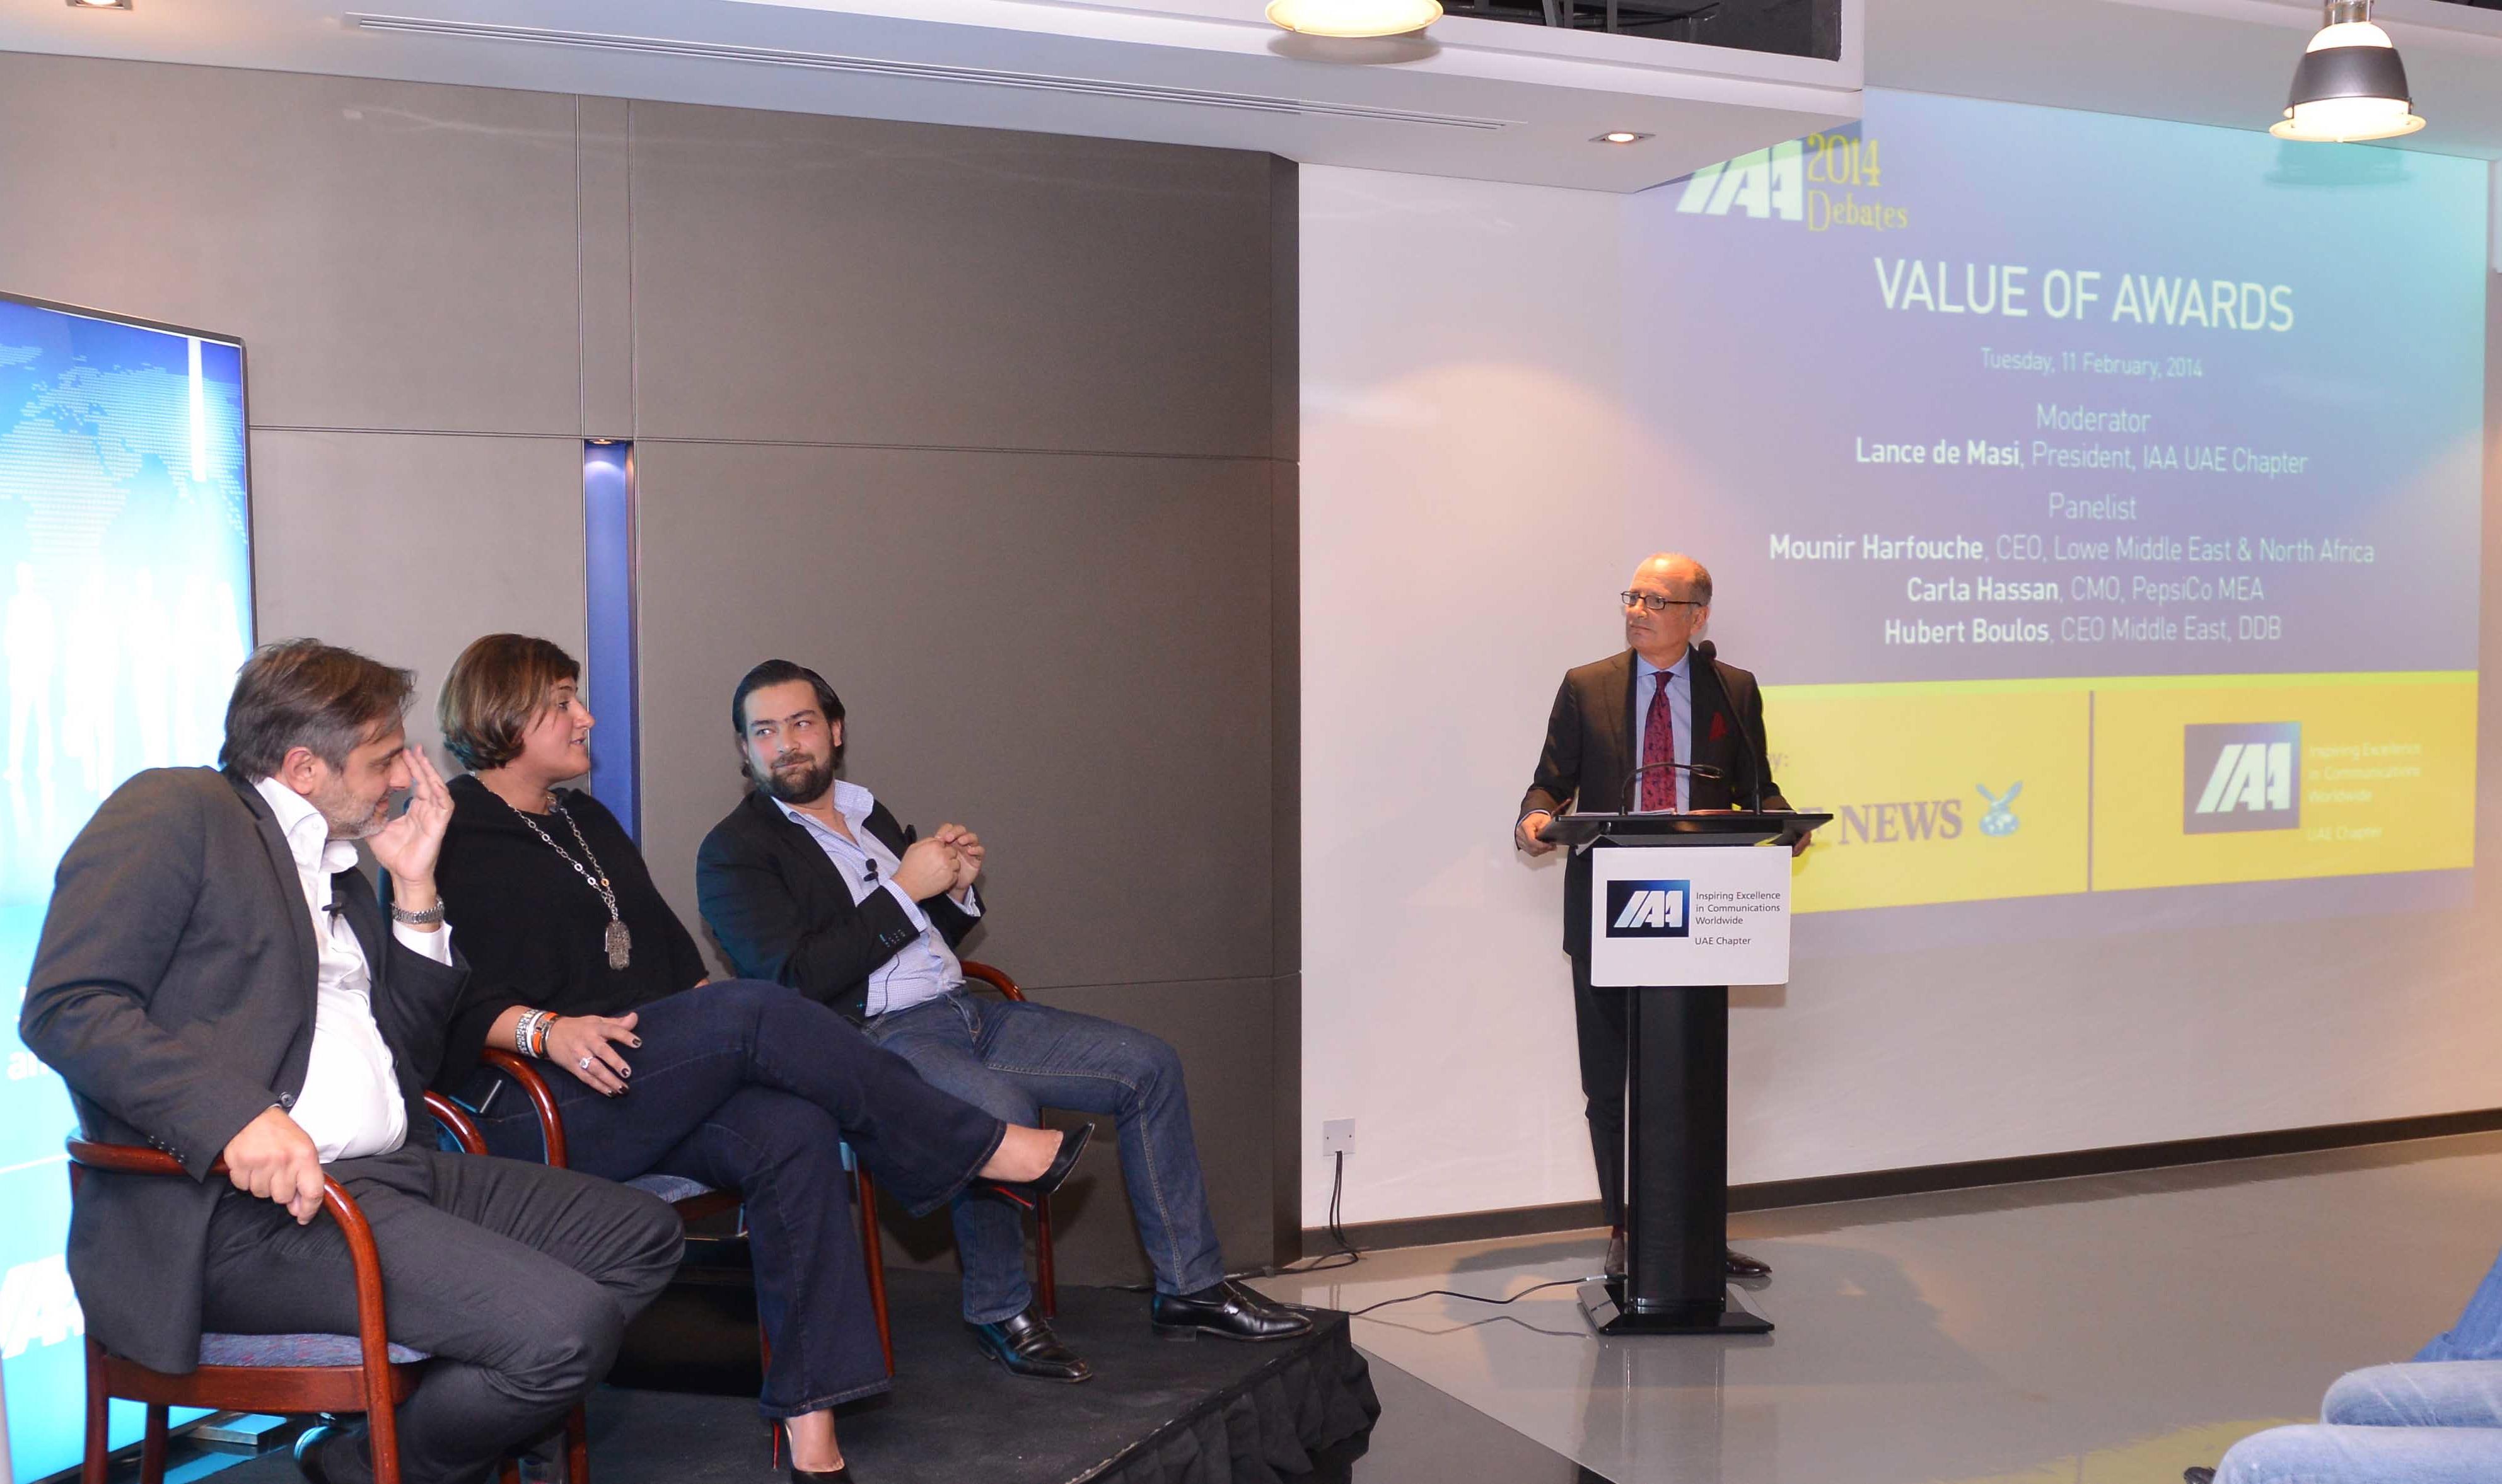 advertising-industry-leaders-debate-the-value-of-awards